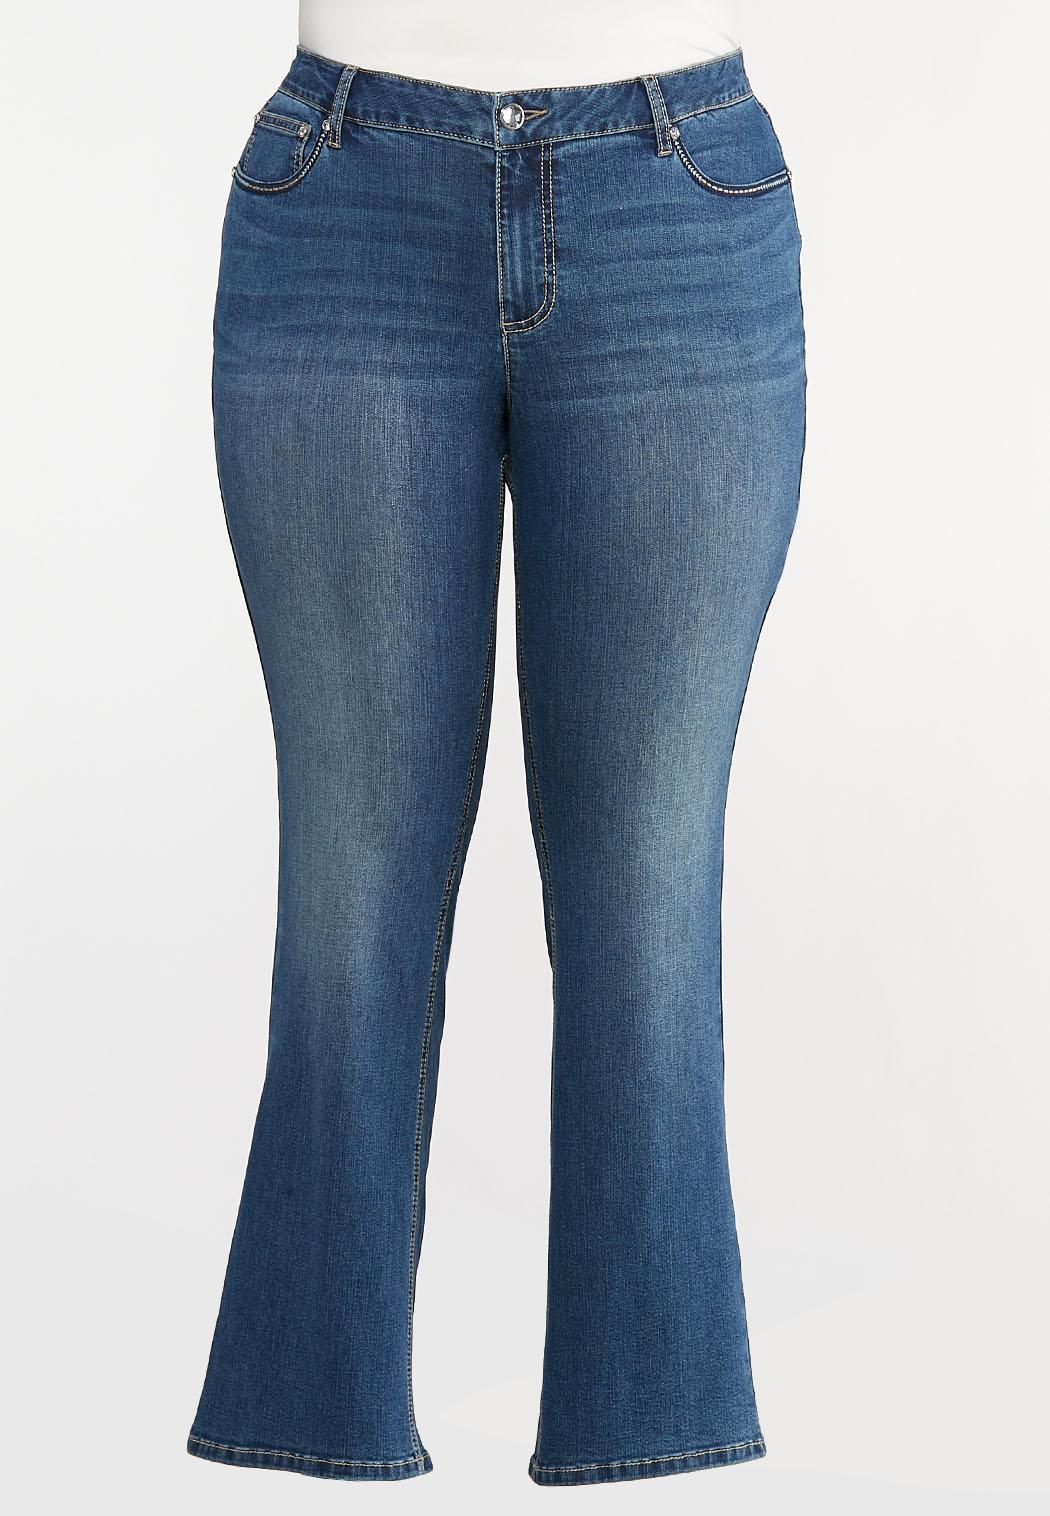 Plus Size Sparkling Floral Pocket Jeans (Item #44097665)